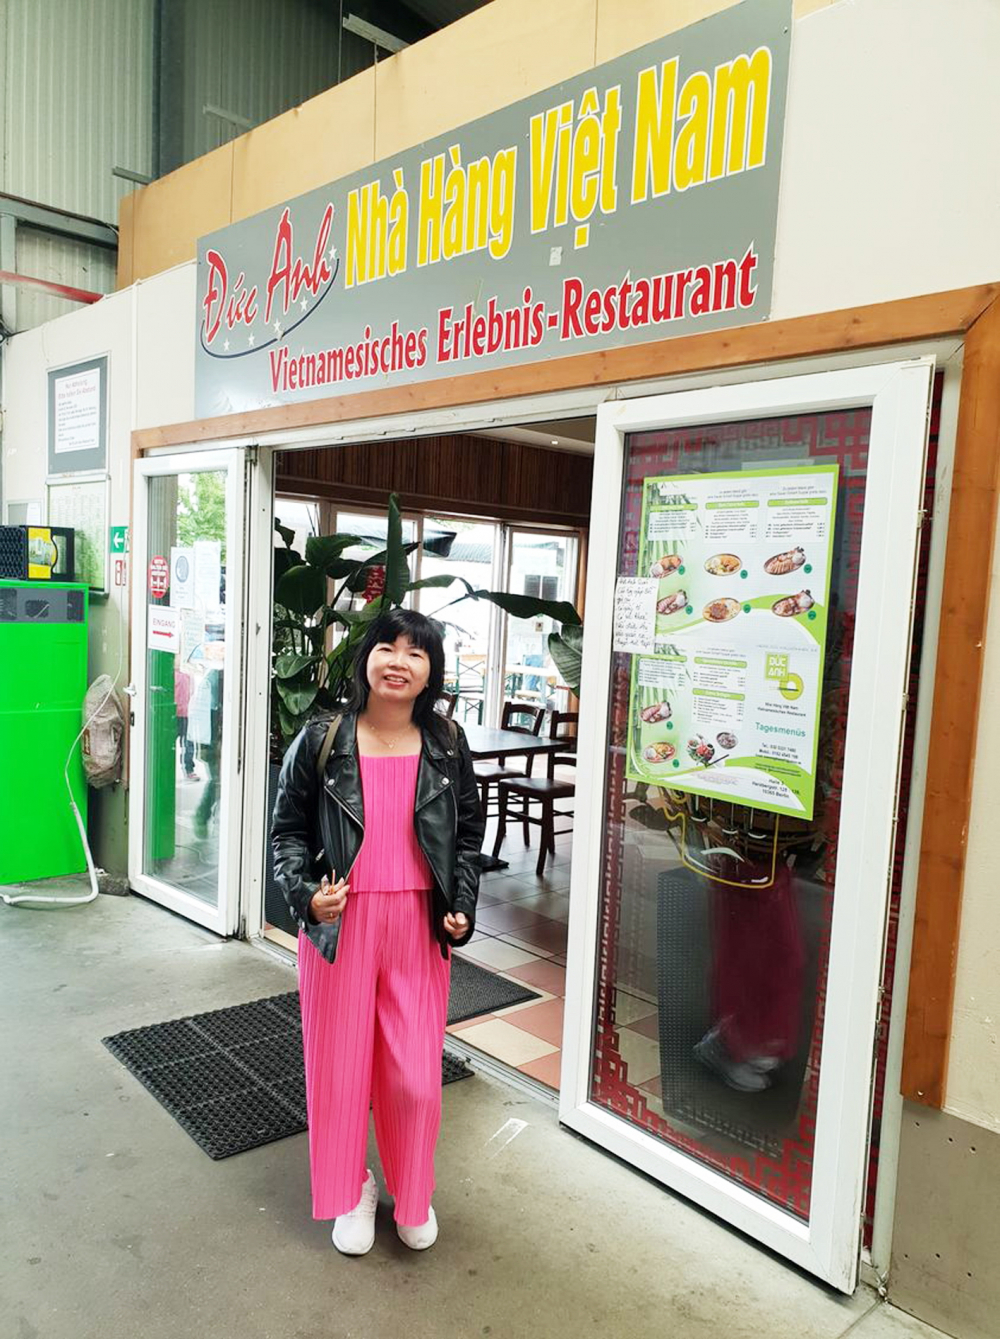 Tác giả tại một nhà hàng Việt Nam ở chợ Đồng Xuân (Berlin, Đức)